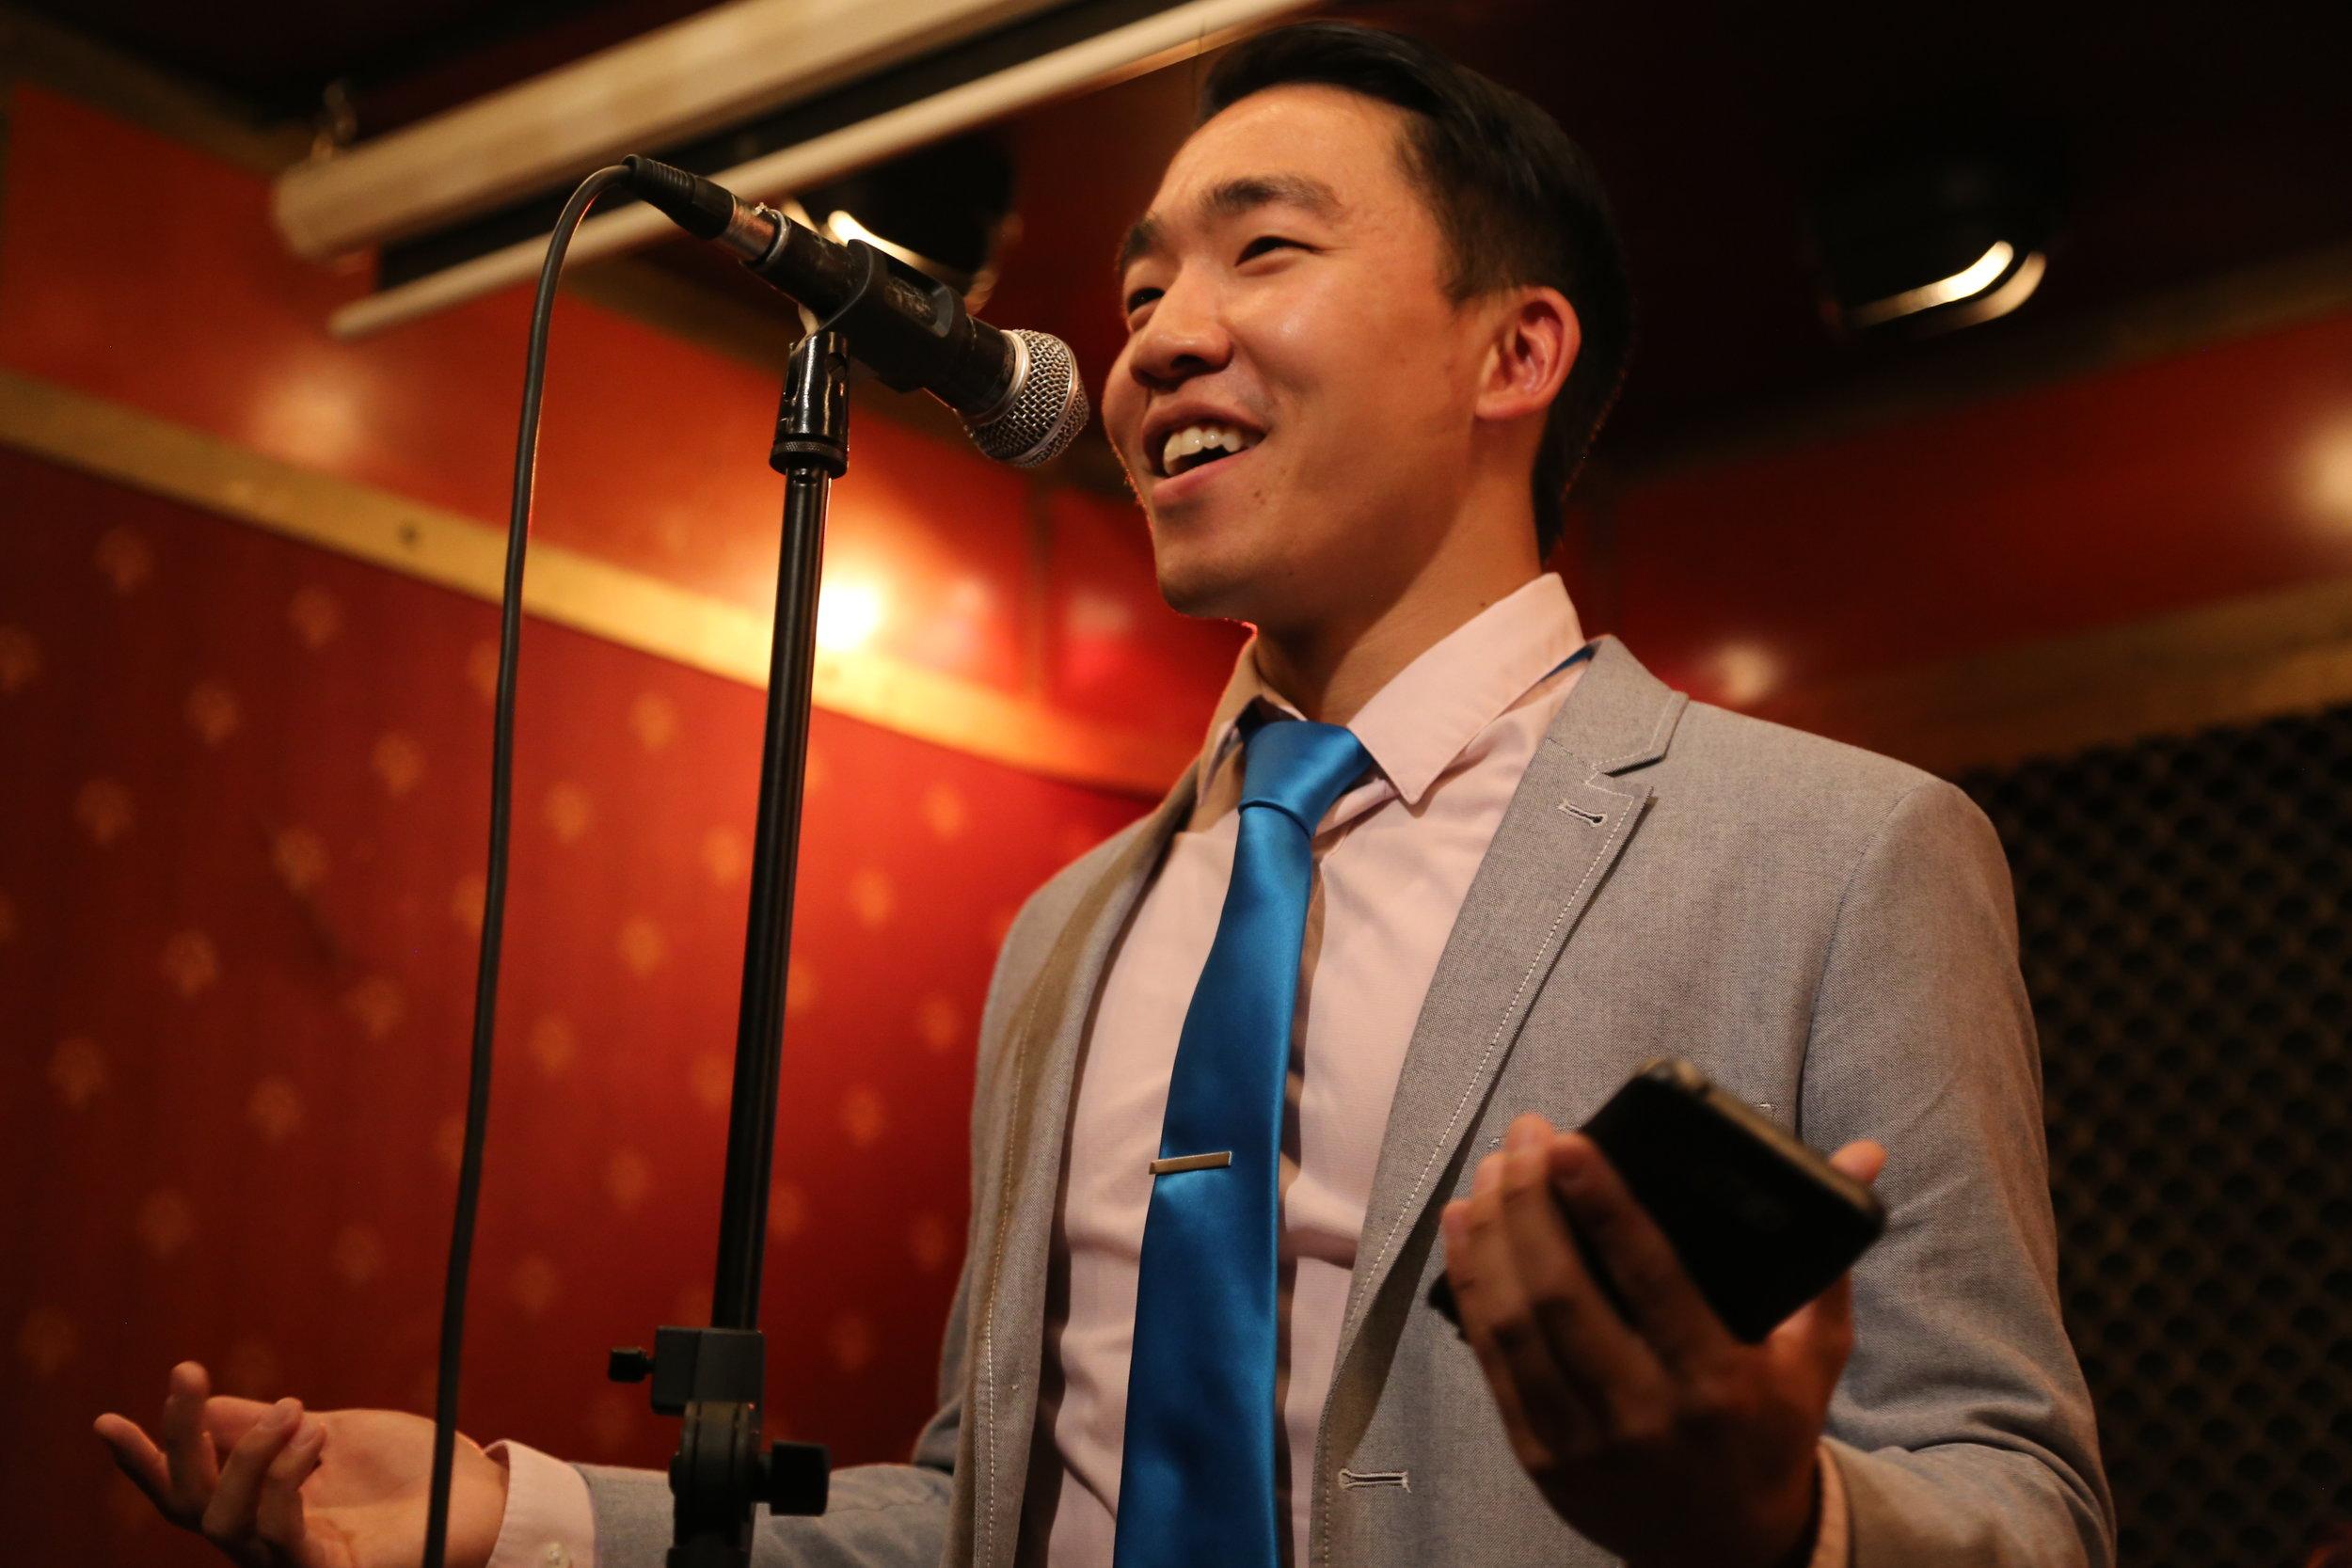 Joseph Fan, July '16